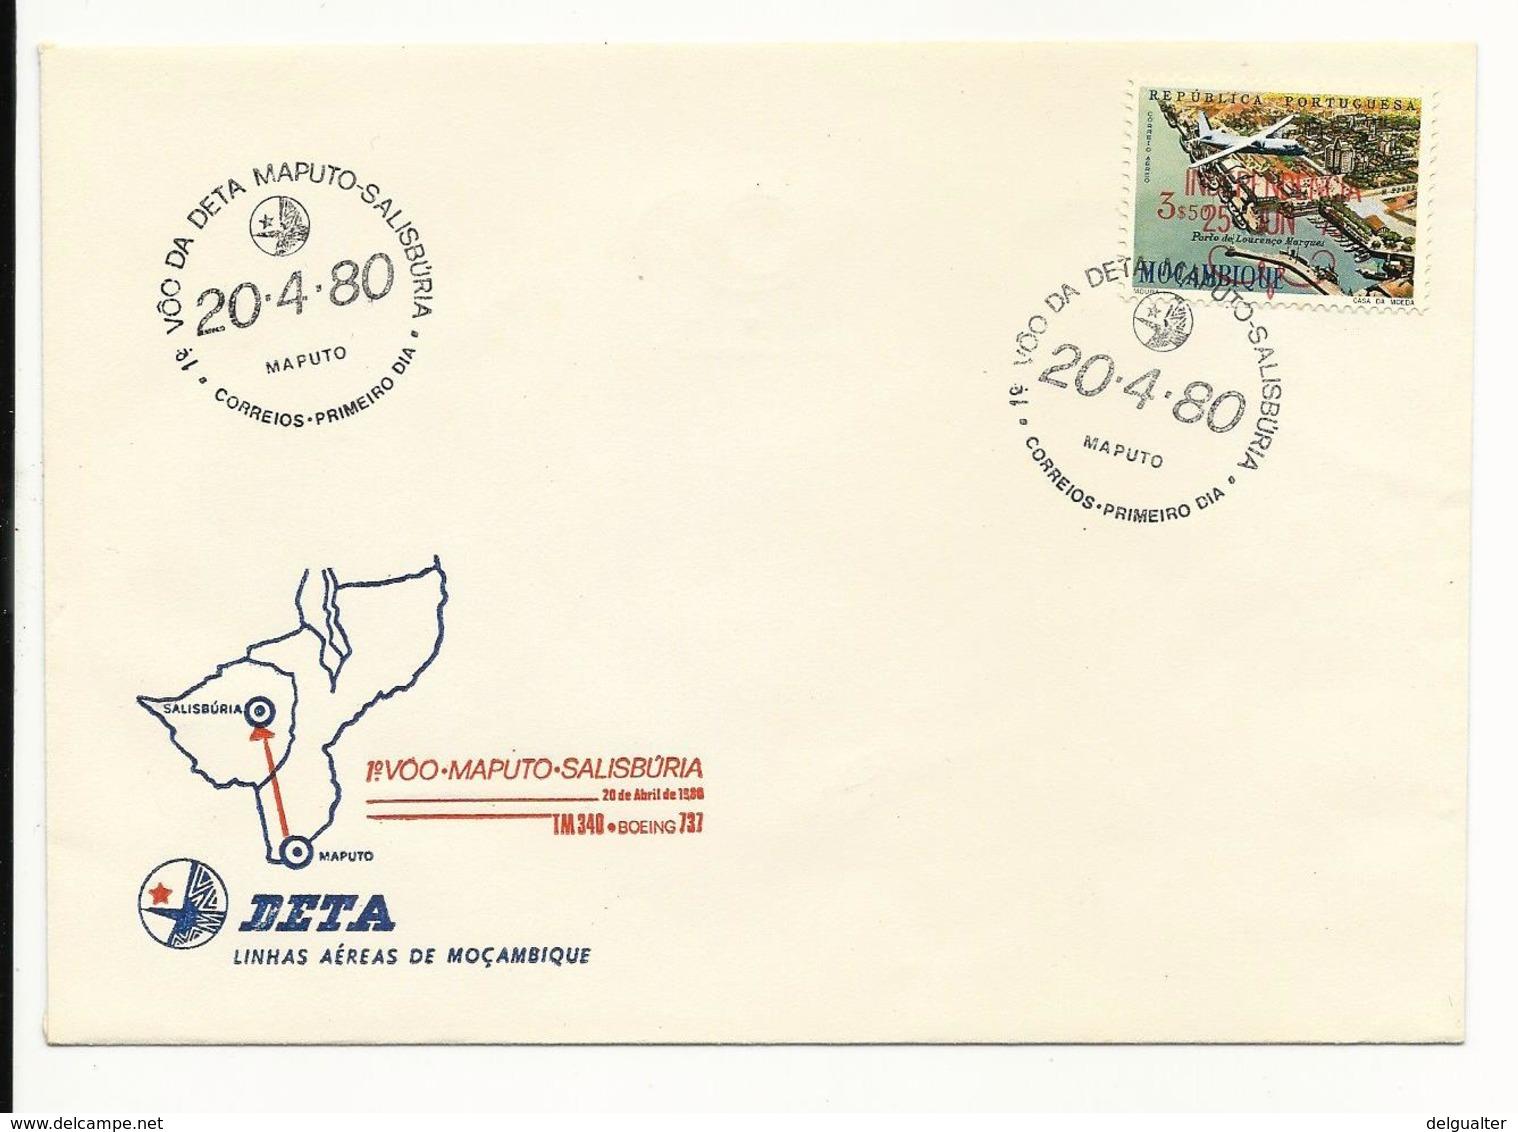 First Flight Cover - Maputo - Salisbúria - DETA - Mozambique